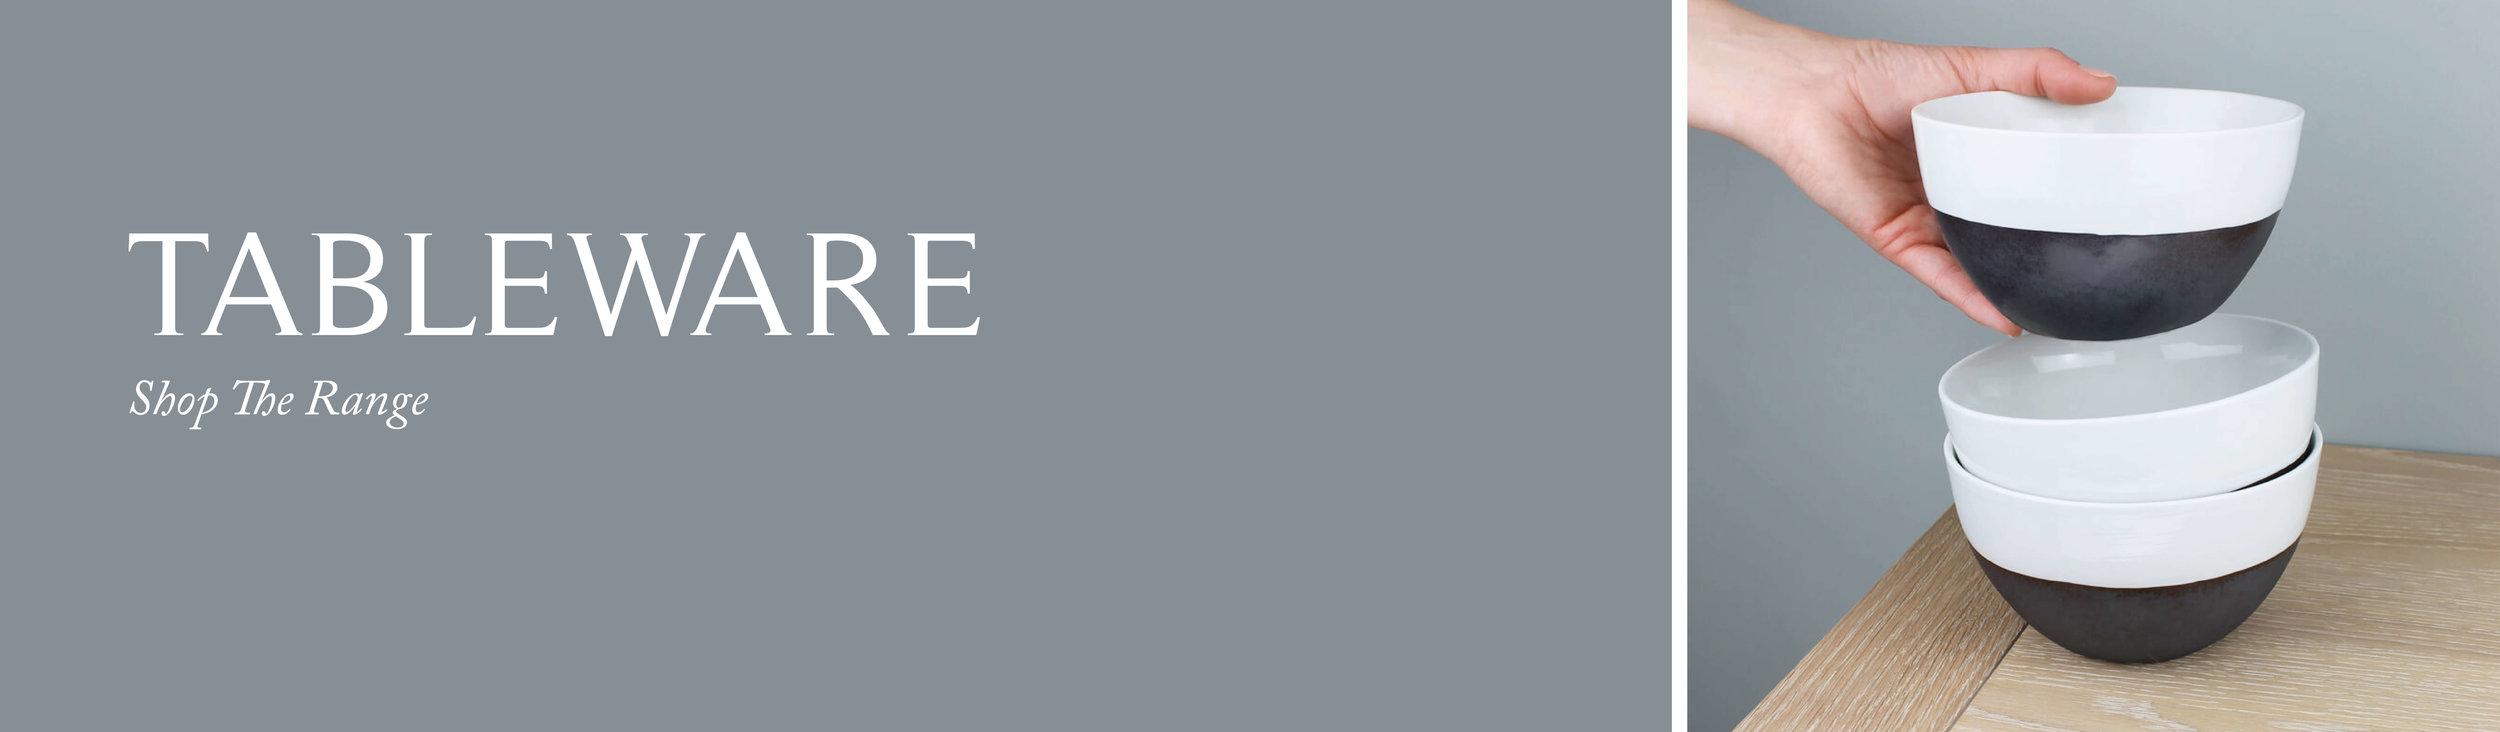 Tableware | Coates & Warner